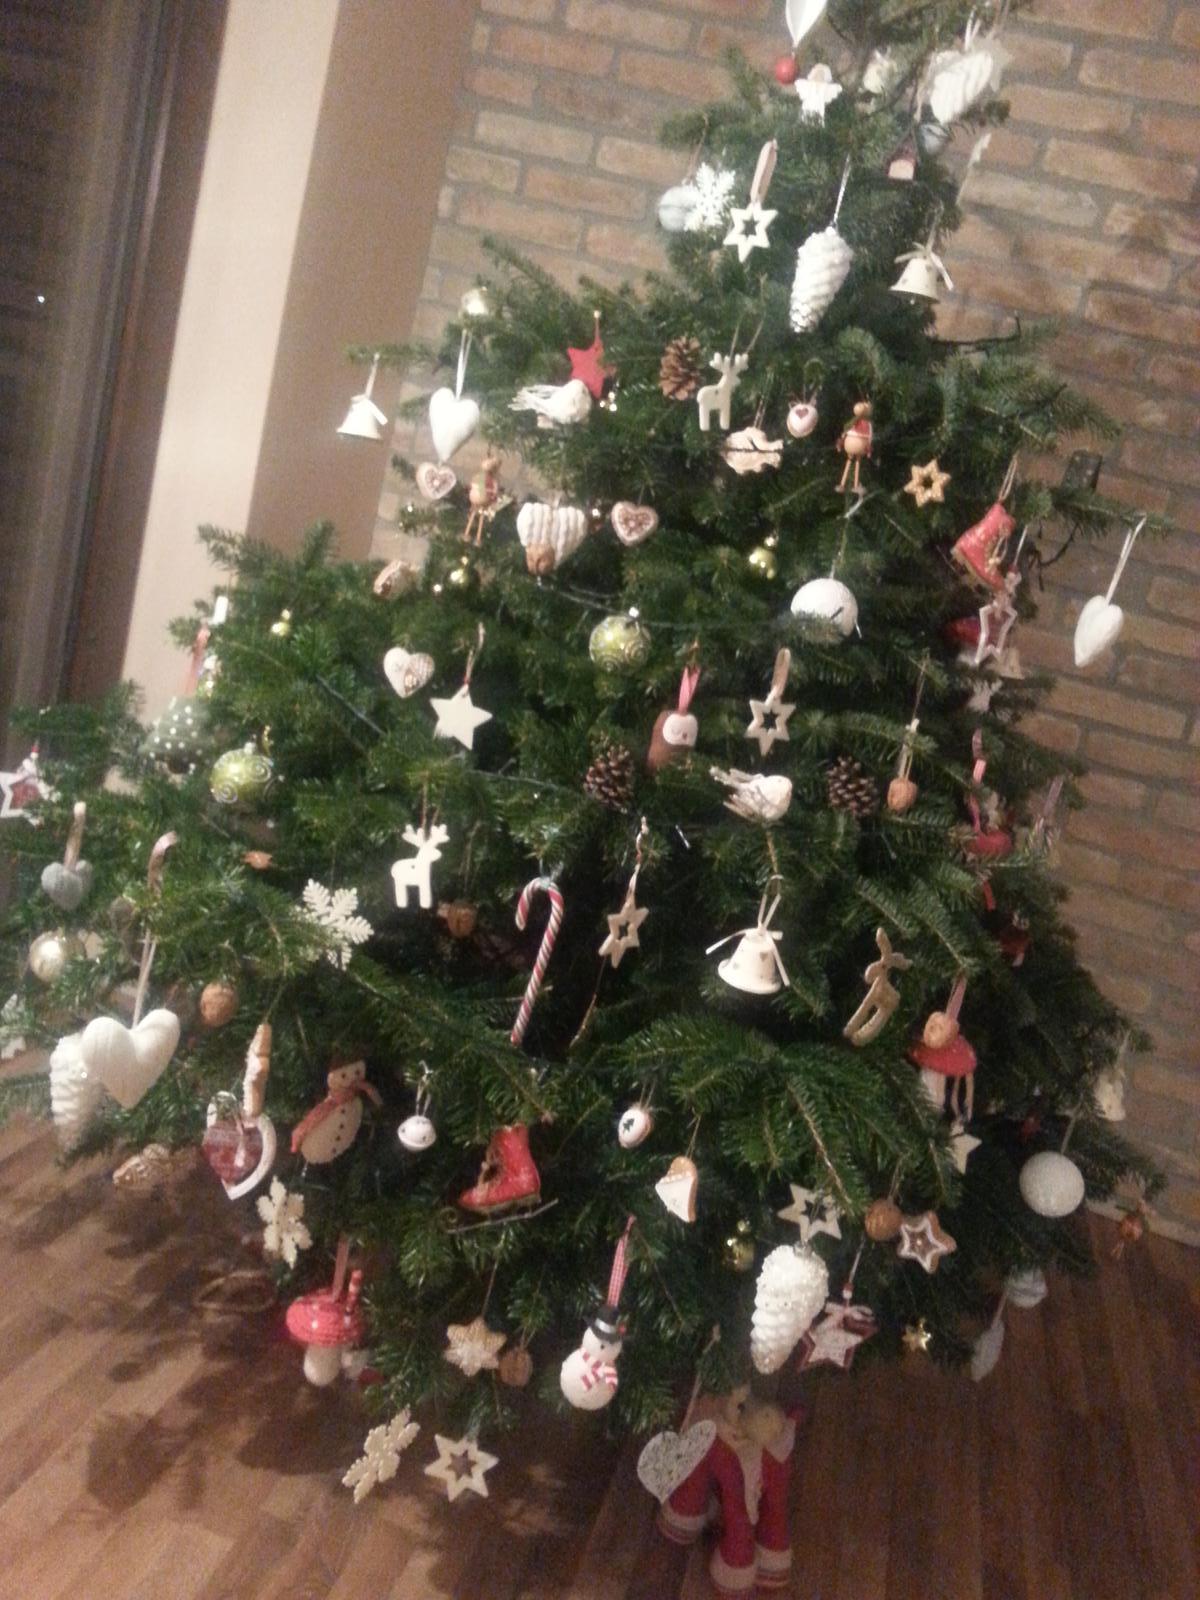 U nás doma  🏠 🌼 🌞👫👭👶 - Naše prvé vianoce v našom domčeku :-)